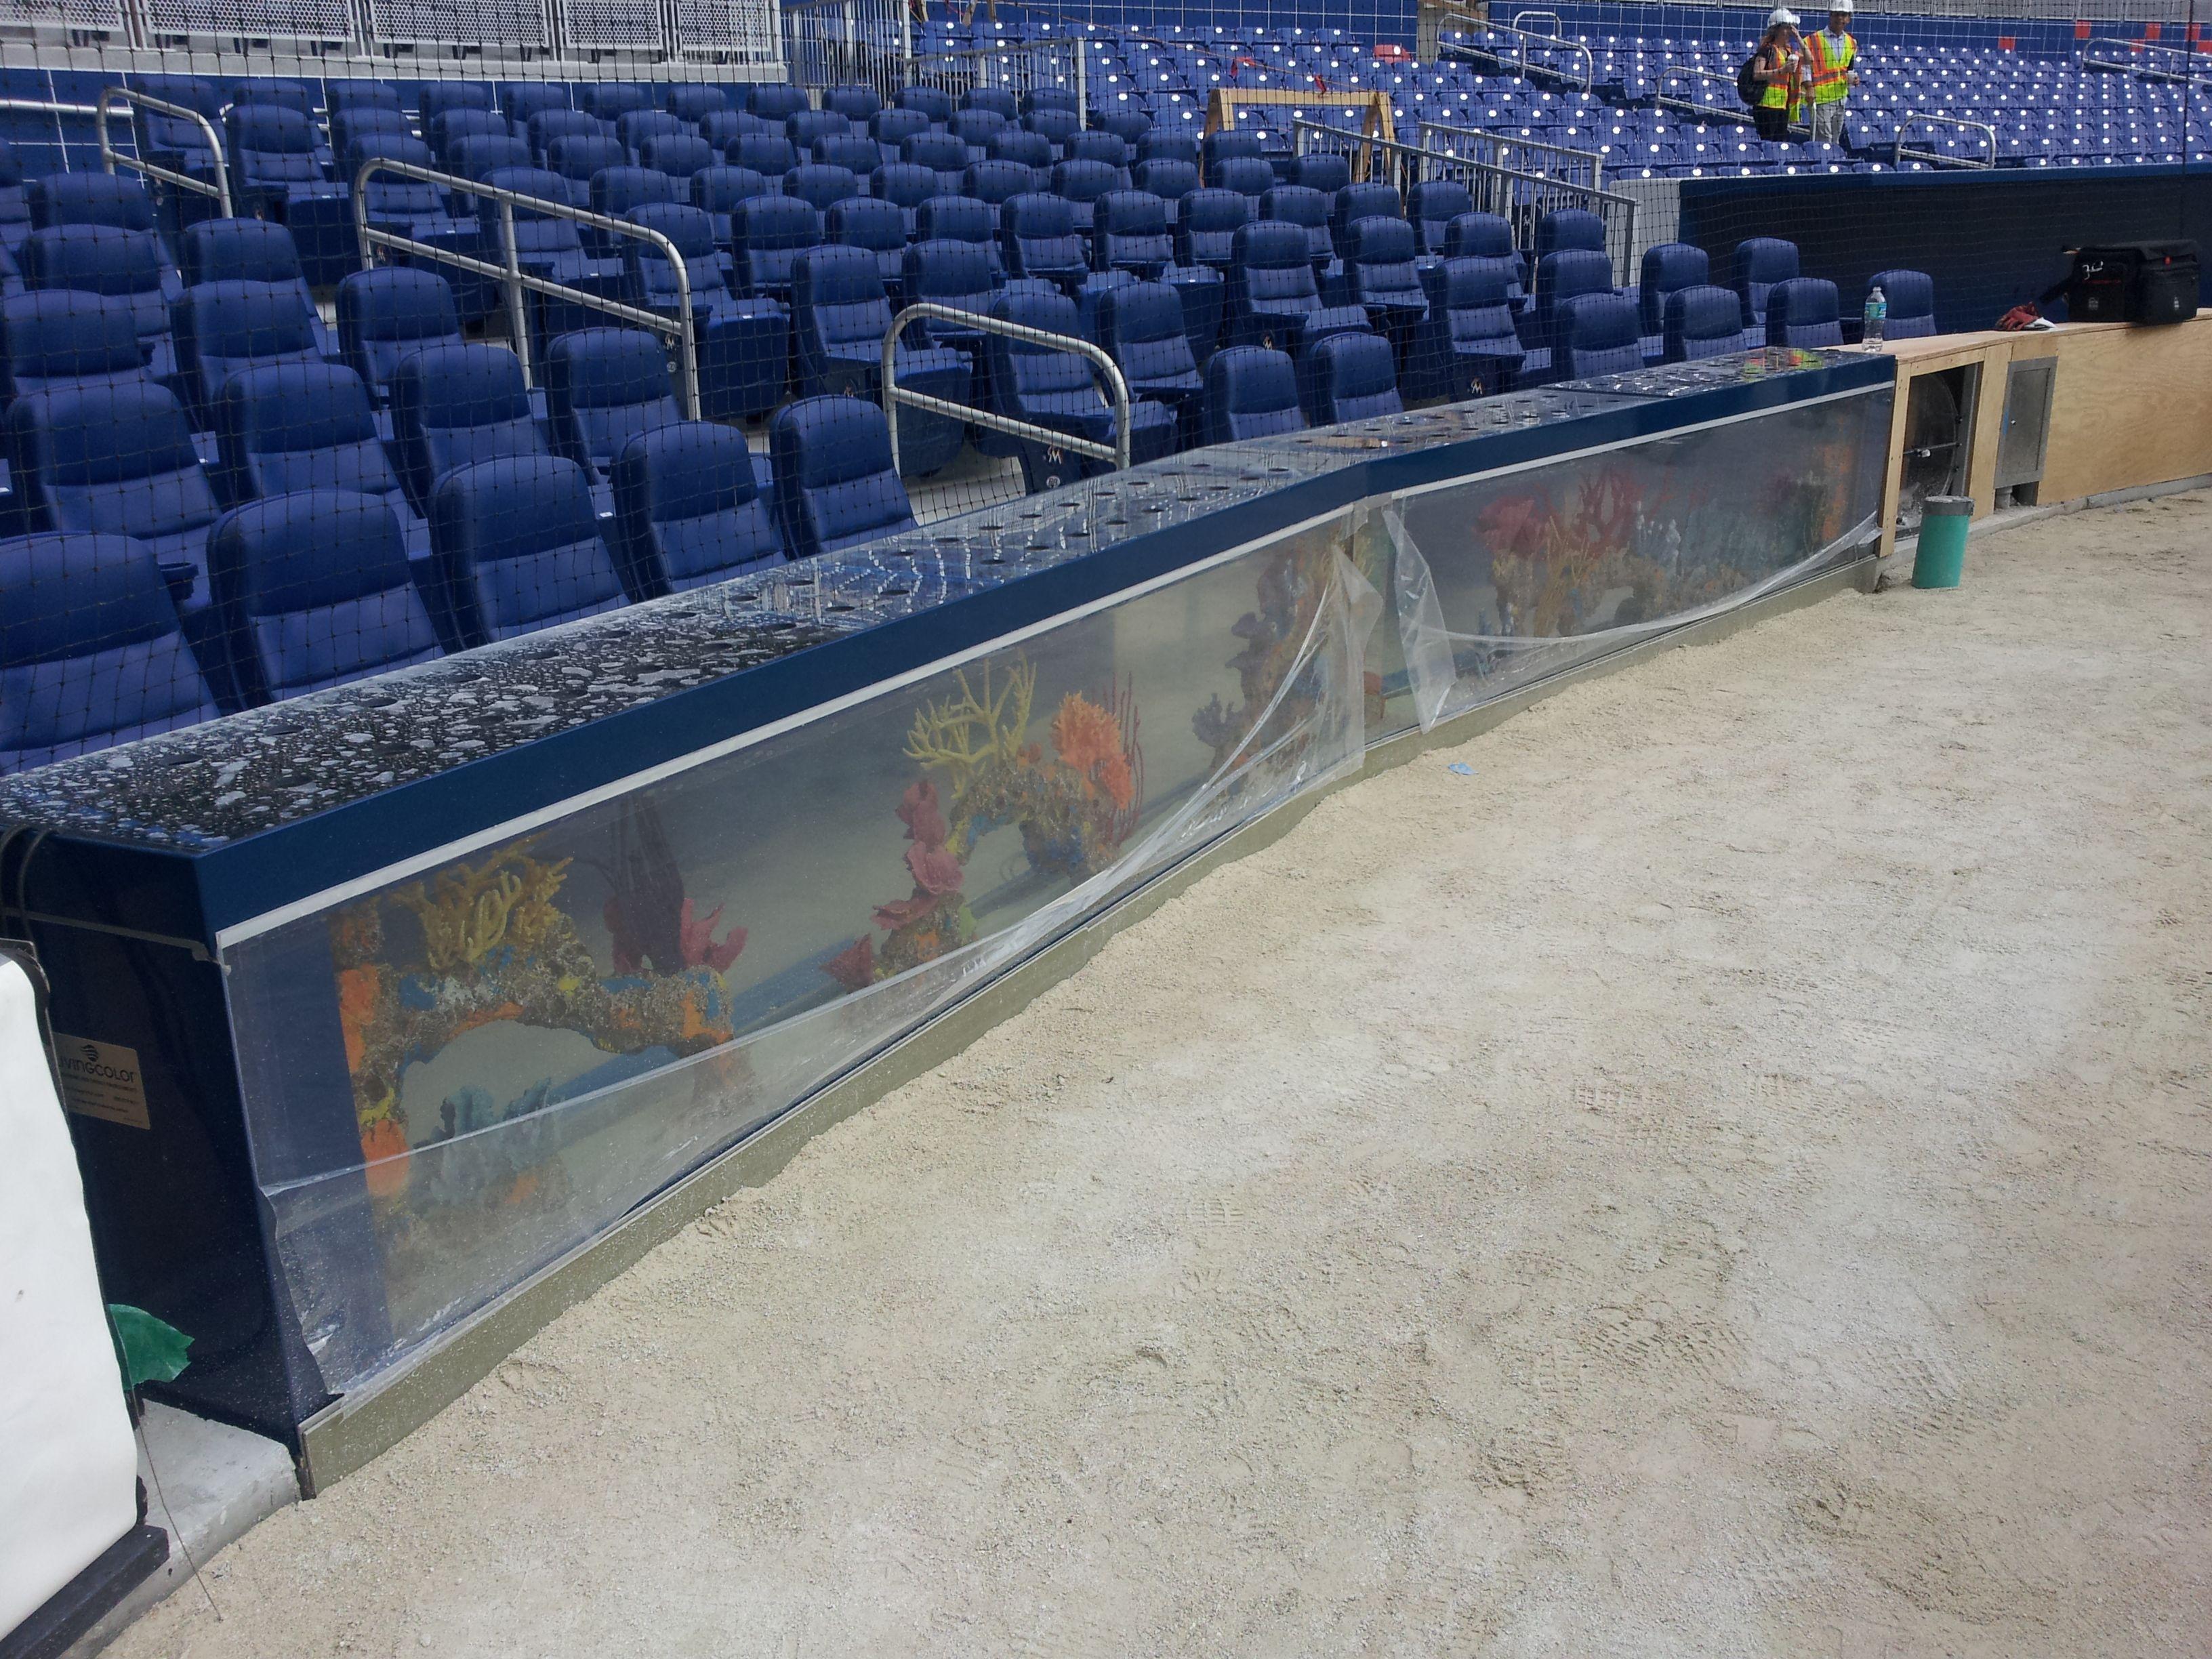 Fish tank kings netflix - Marlins Stadium Fish Tanks